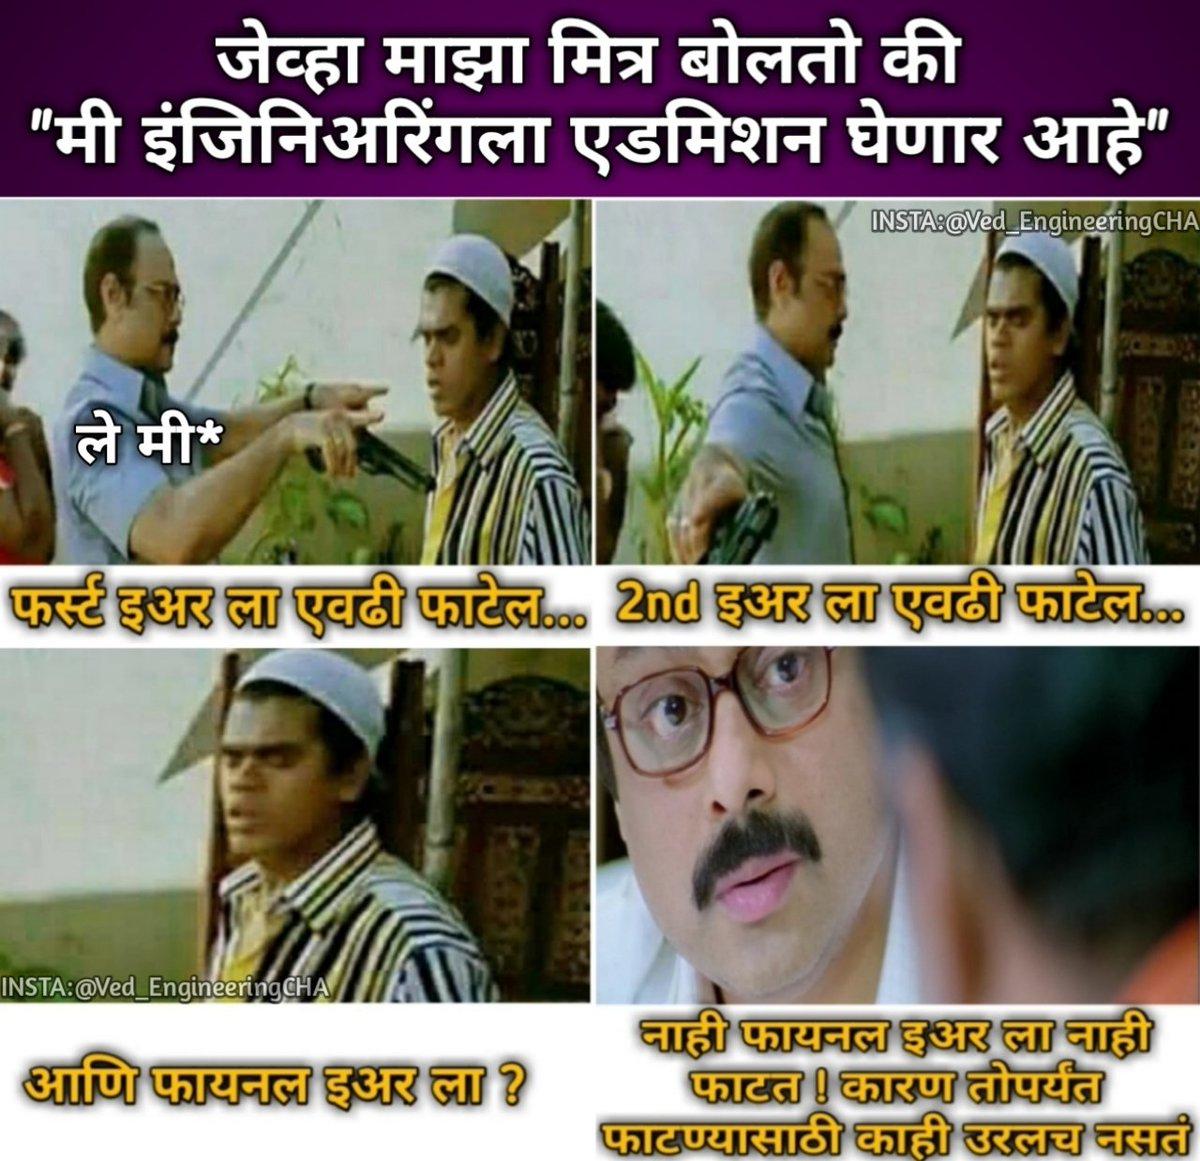 . . #Engineeringmemes #marathimemes #Ved_EngineeringCHApic.twitter.com/DtwllziYxp